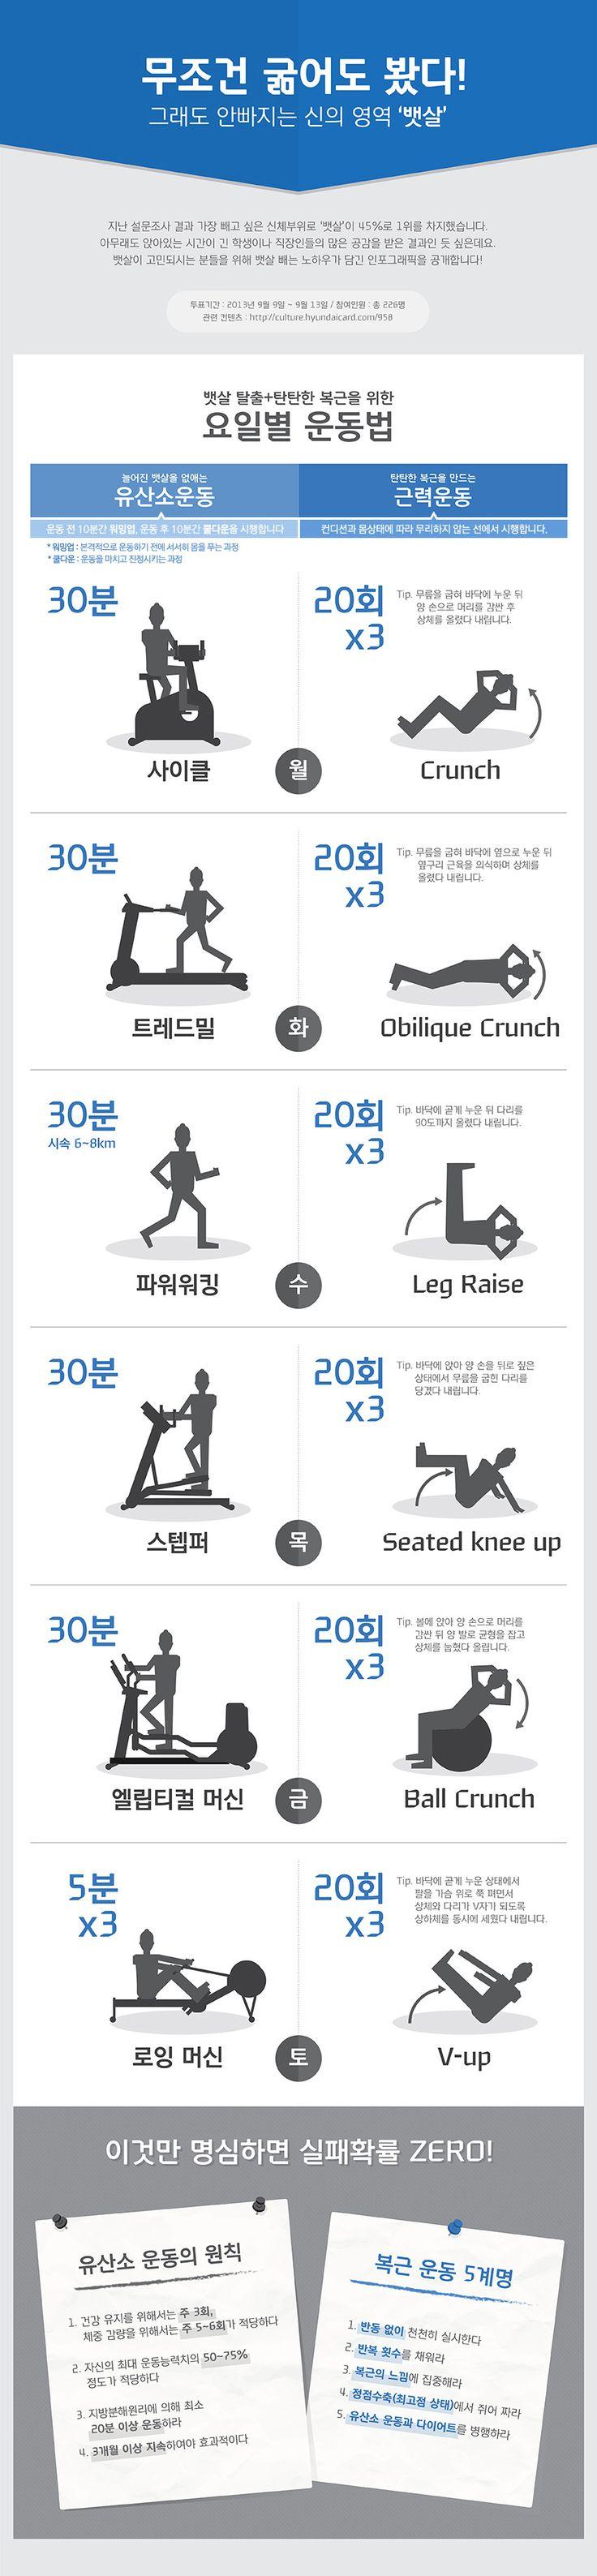 [인포그래픽] 굶기까지 해봤지만 절대 안빠지는 곳, 뱃살 요일별 운동법!